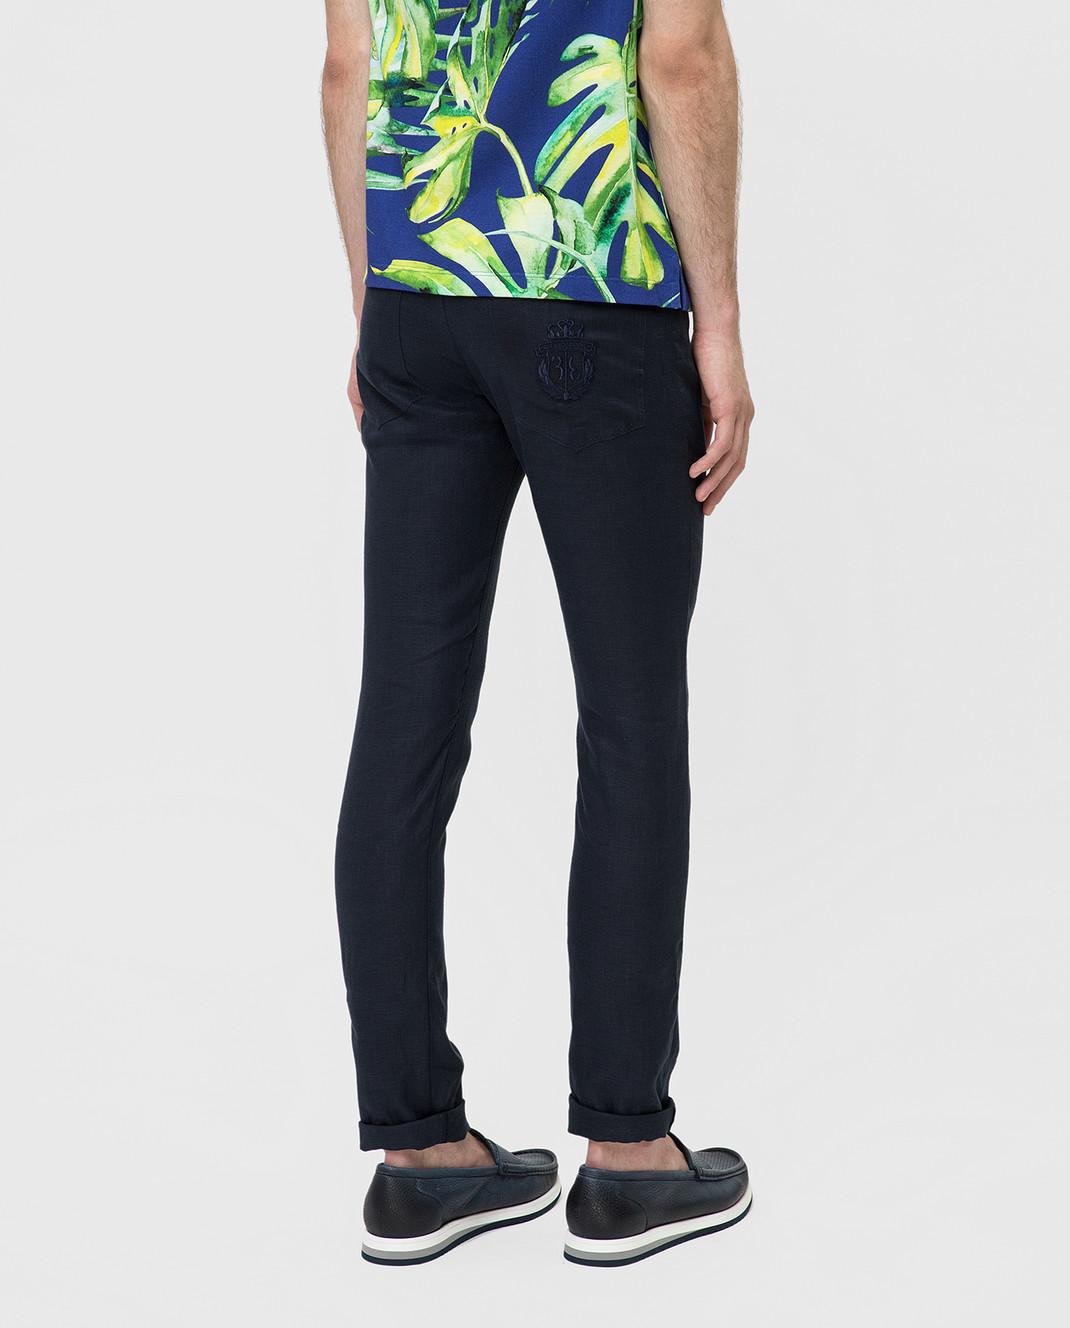 Billionaire Темно-синие брюки из льна MRT0546 изображение 4